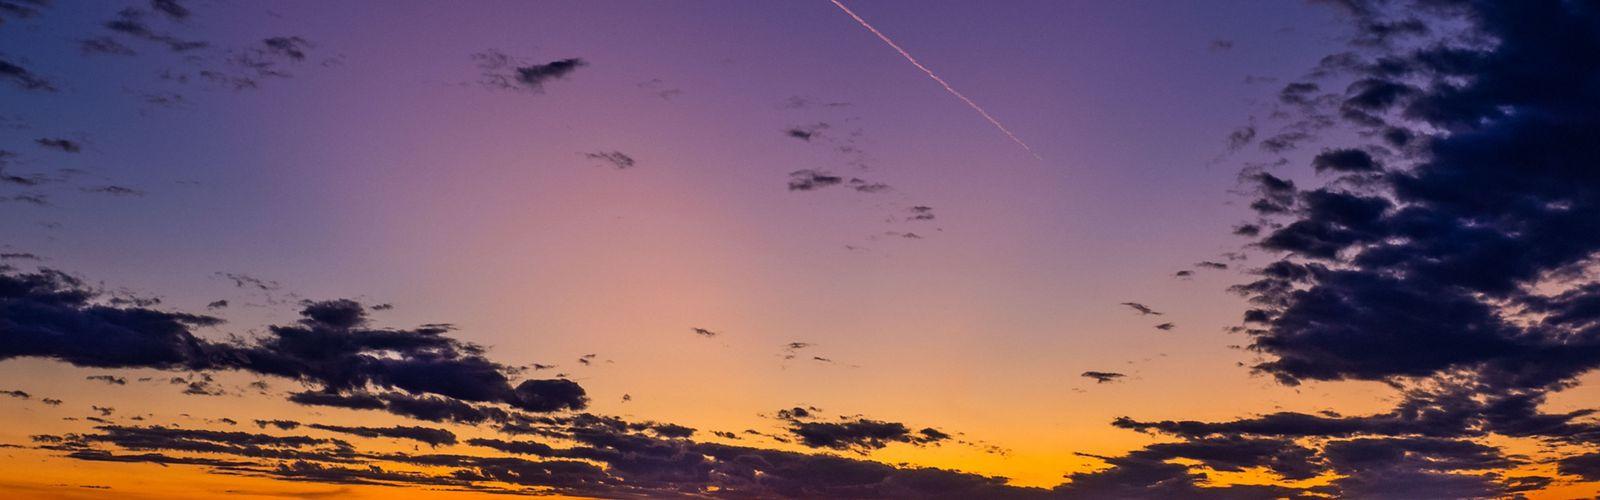 Jet trail at sunset in Badlands National Park, South Dakota.